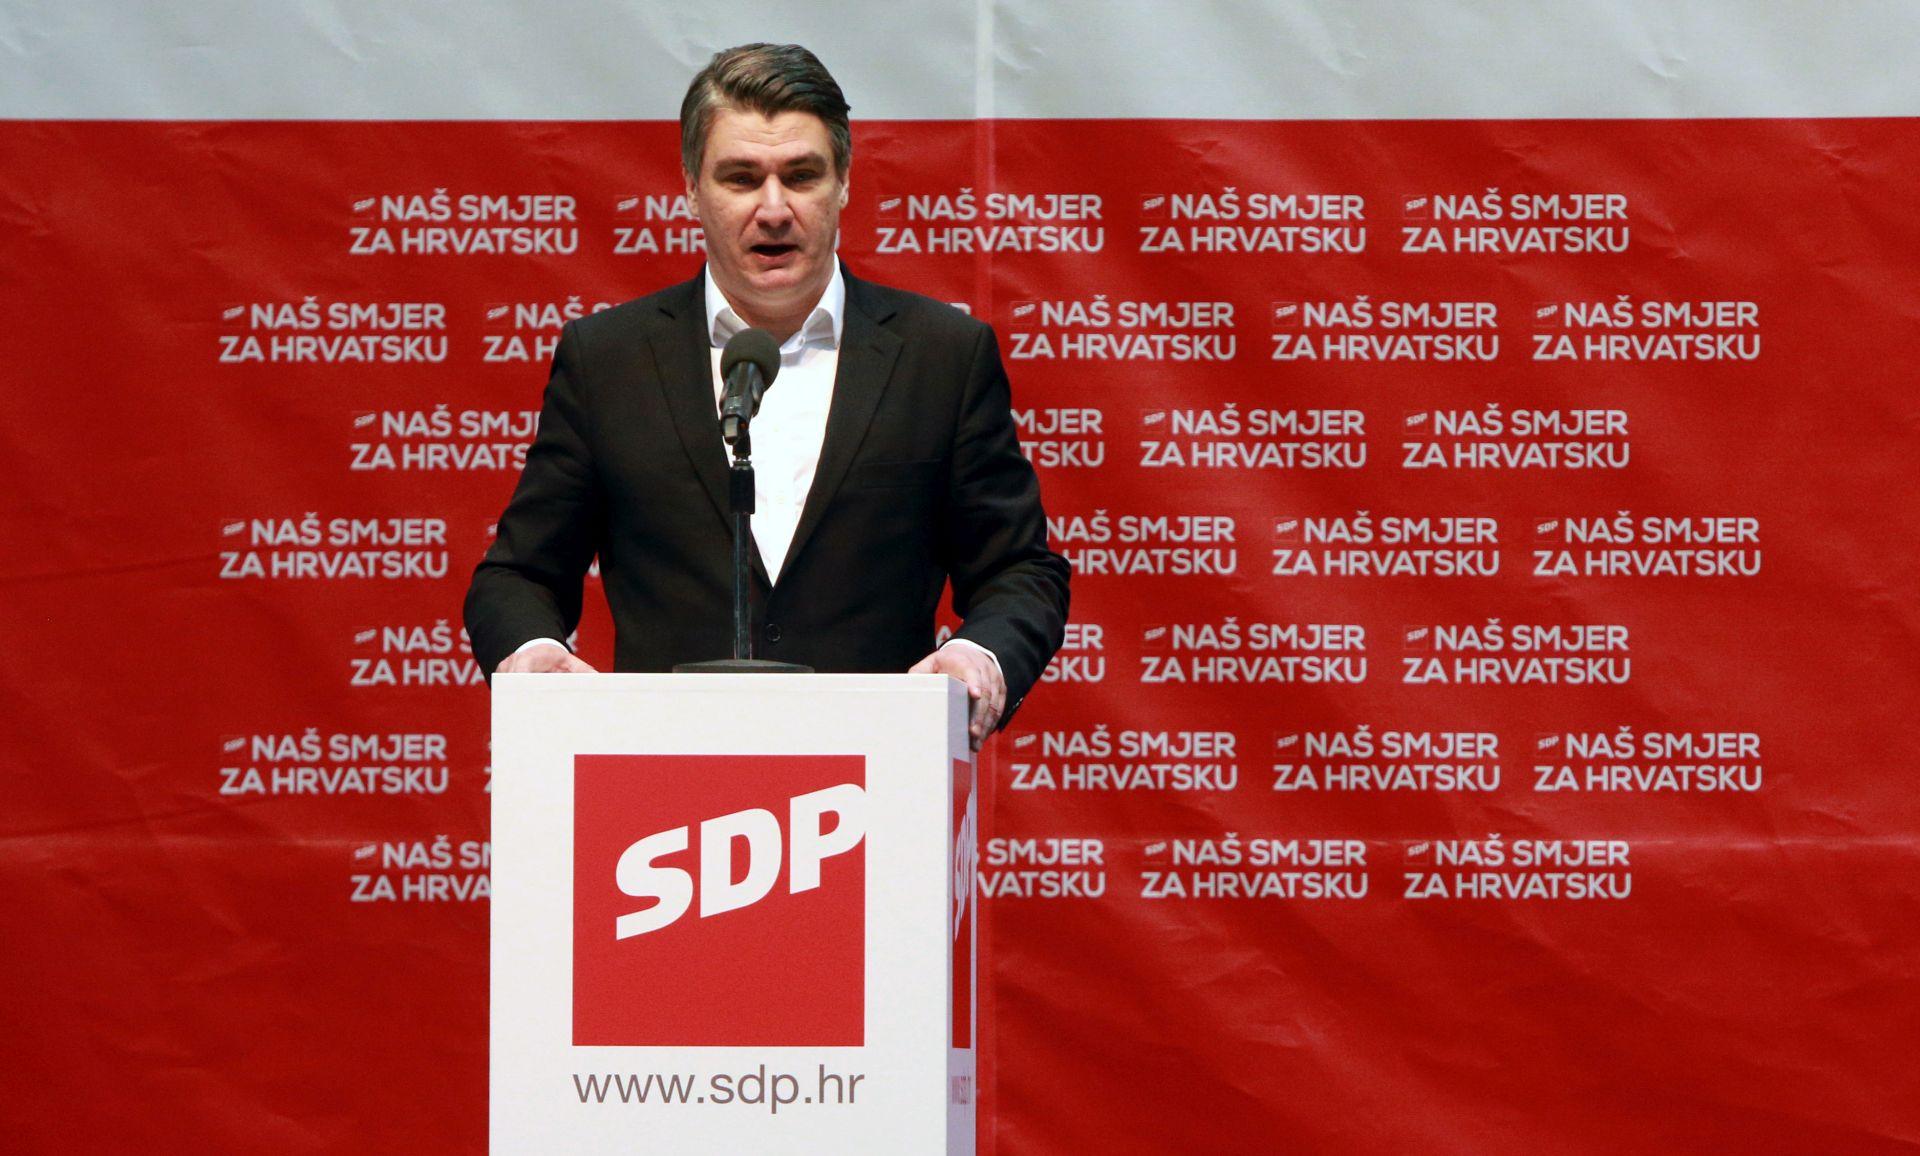 ZORAN MILANOVIĆ: 'Ponašanje Kolinde Grabar-Kitarović je neozbiljno i neodgovorno'